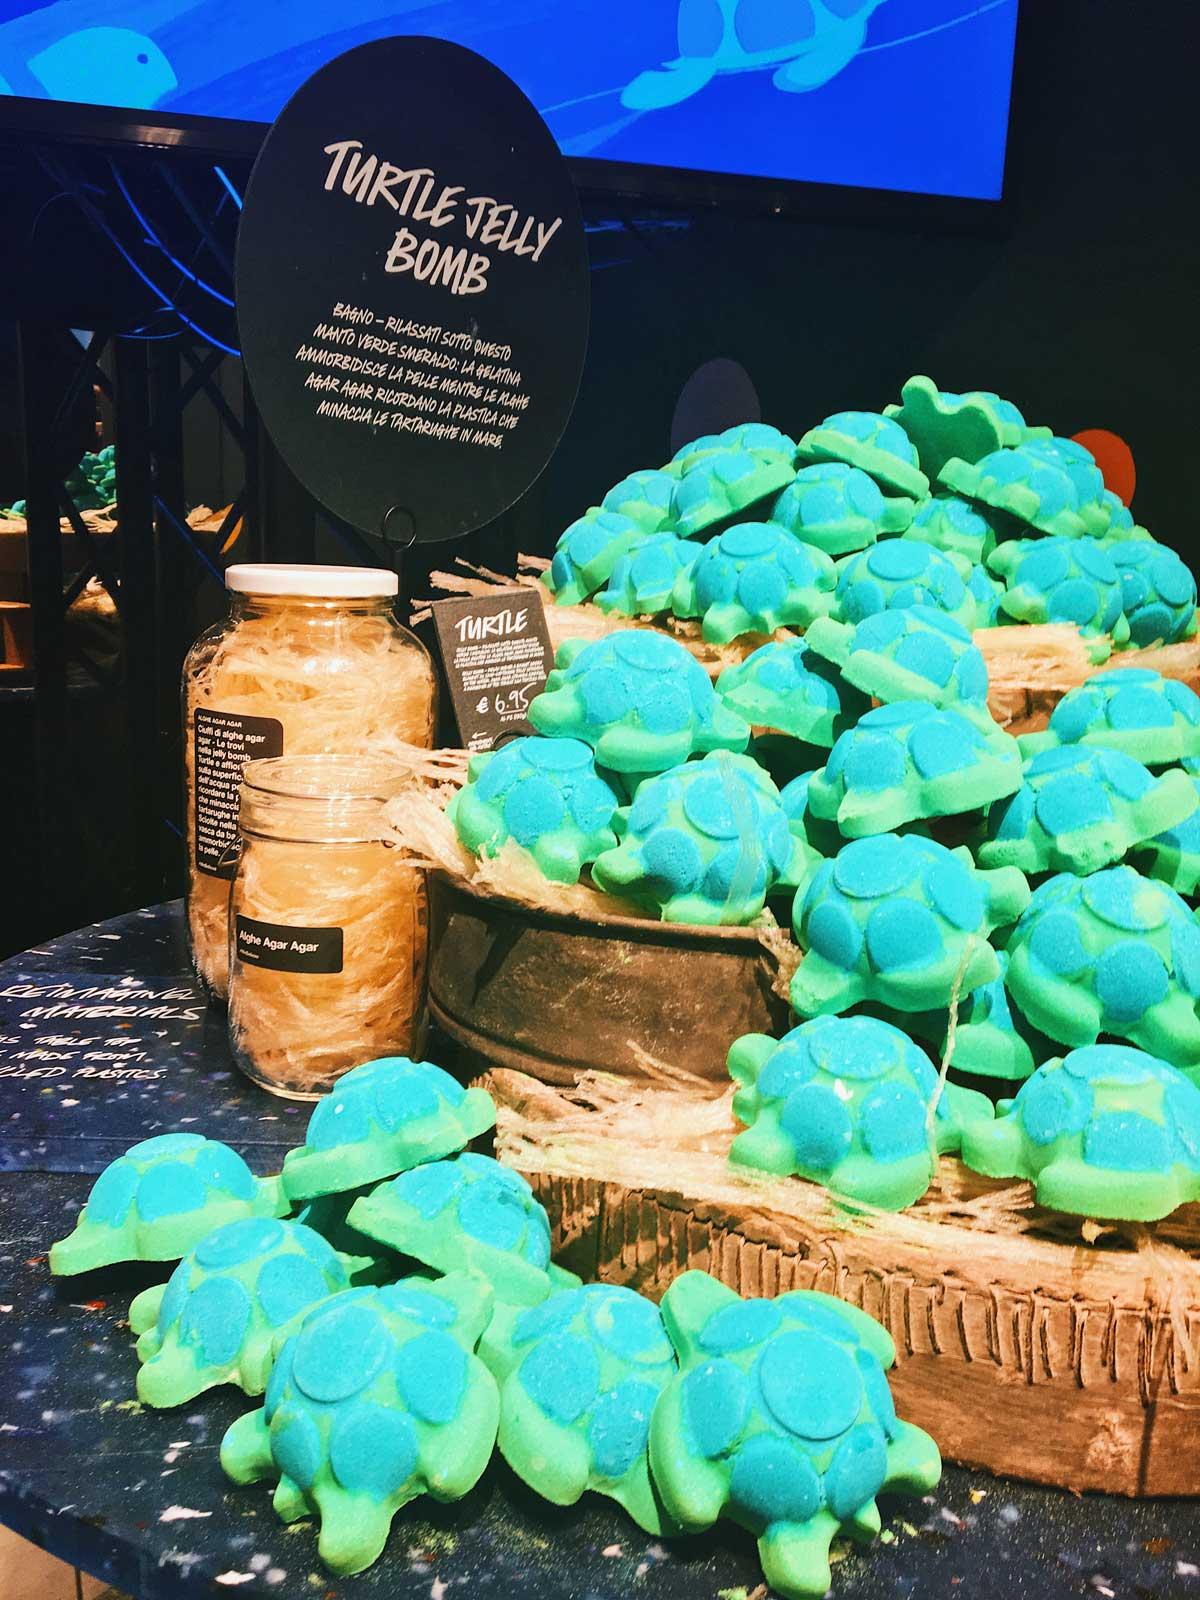 turtle jelly bomb lush naked shop via torino